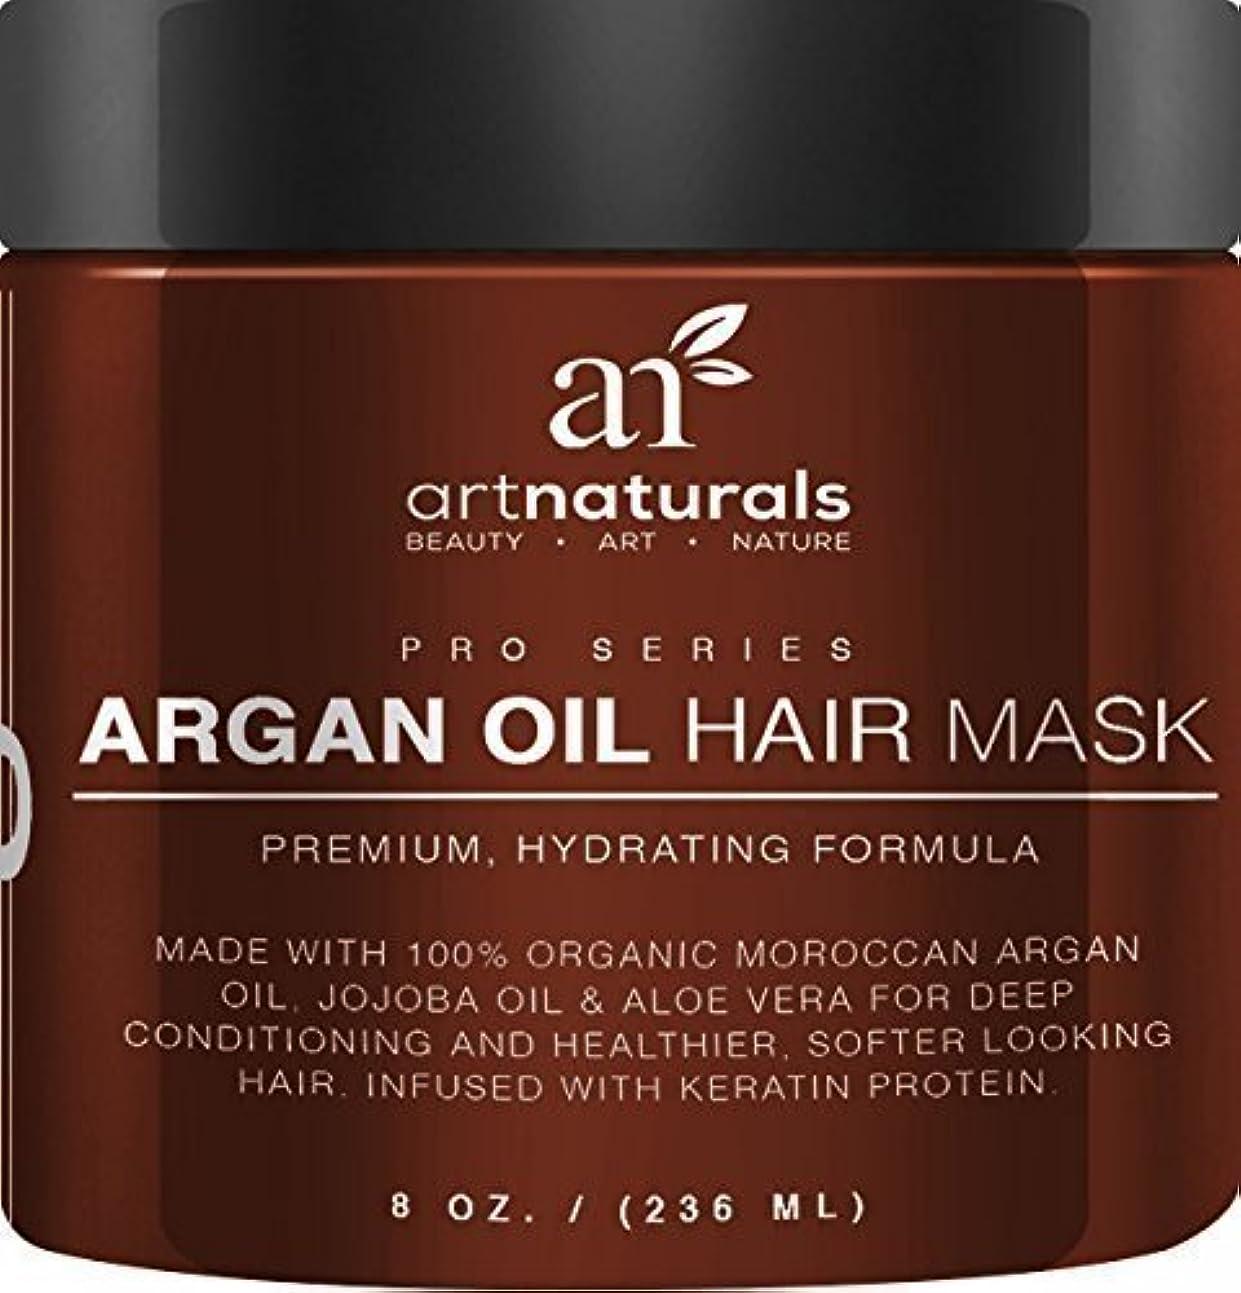 コメンテーター正義起きろアメリカで売れている! アラガンオイル ヘアマスク  (Argan Oil Hair Mask, Deep Conditioner)(海外直送品) [並行輸入品]